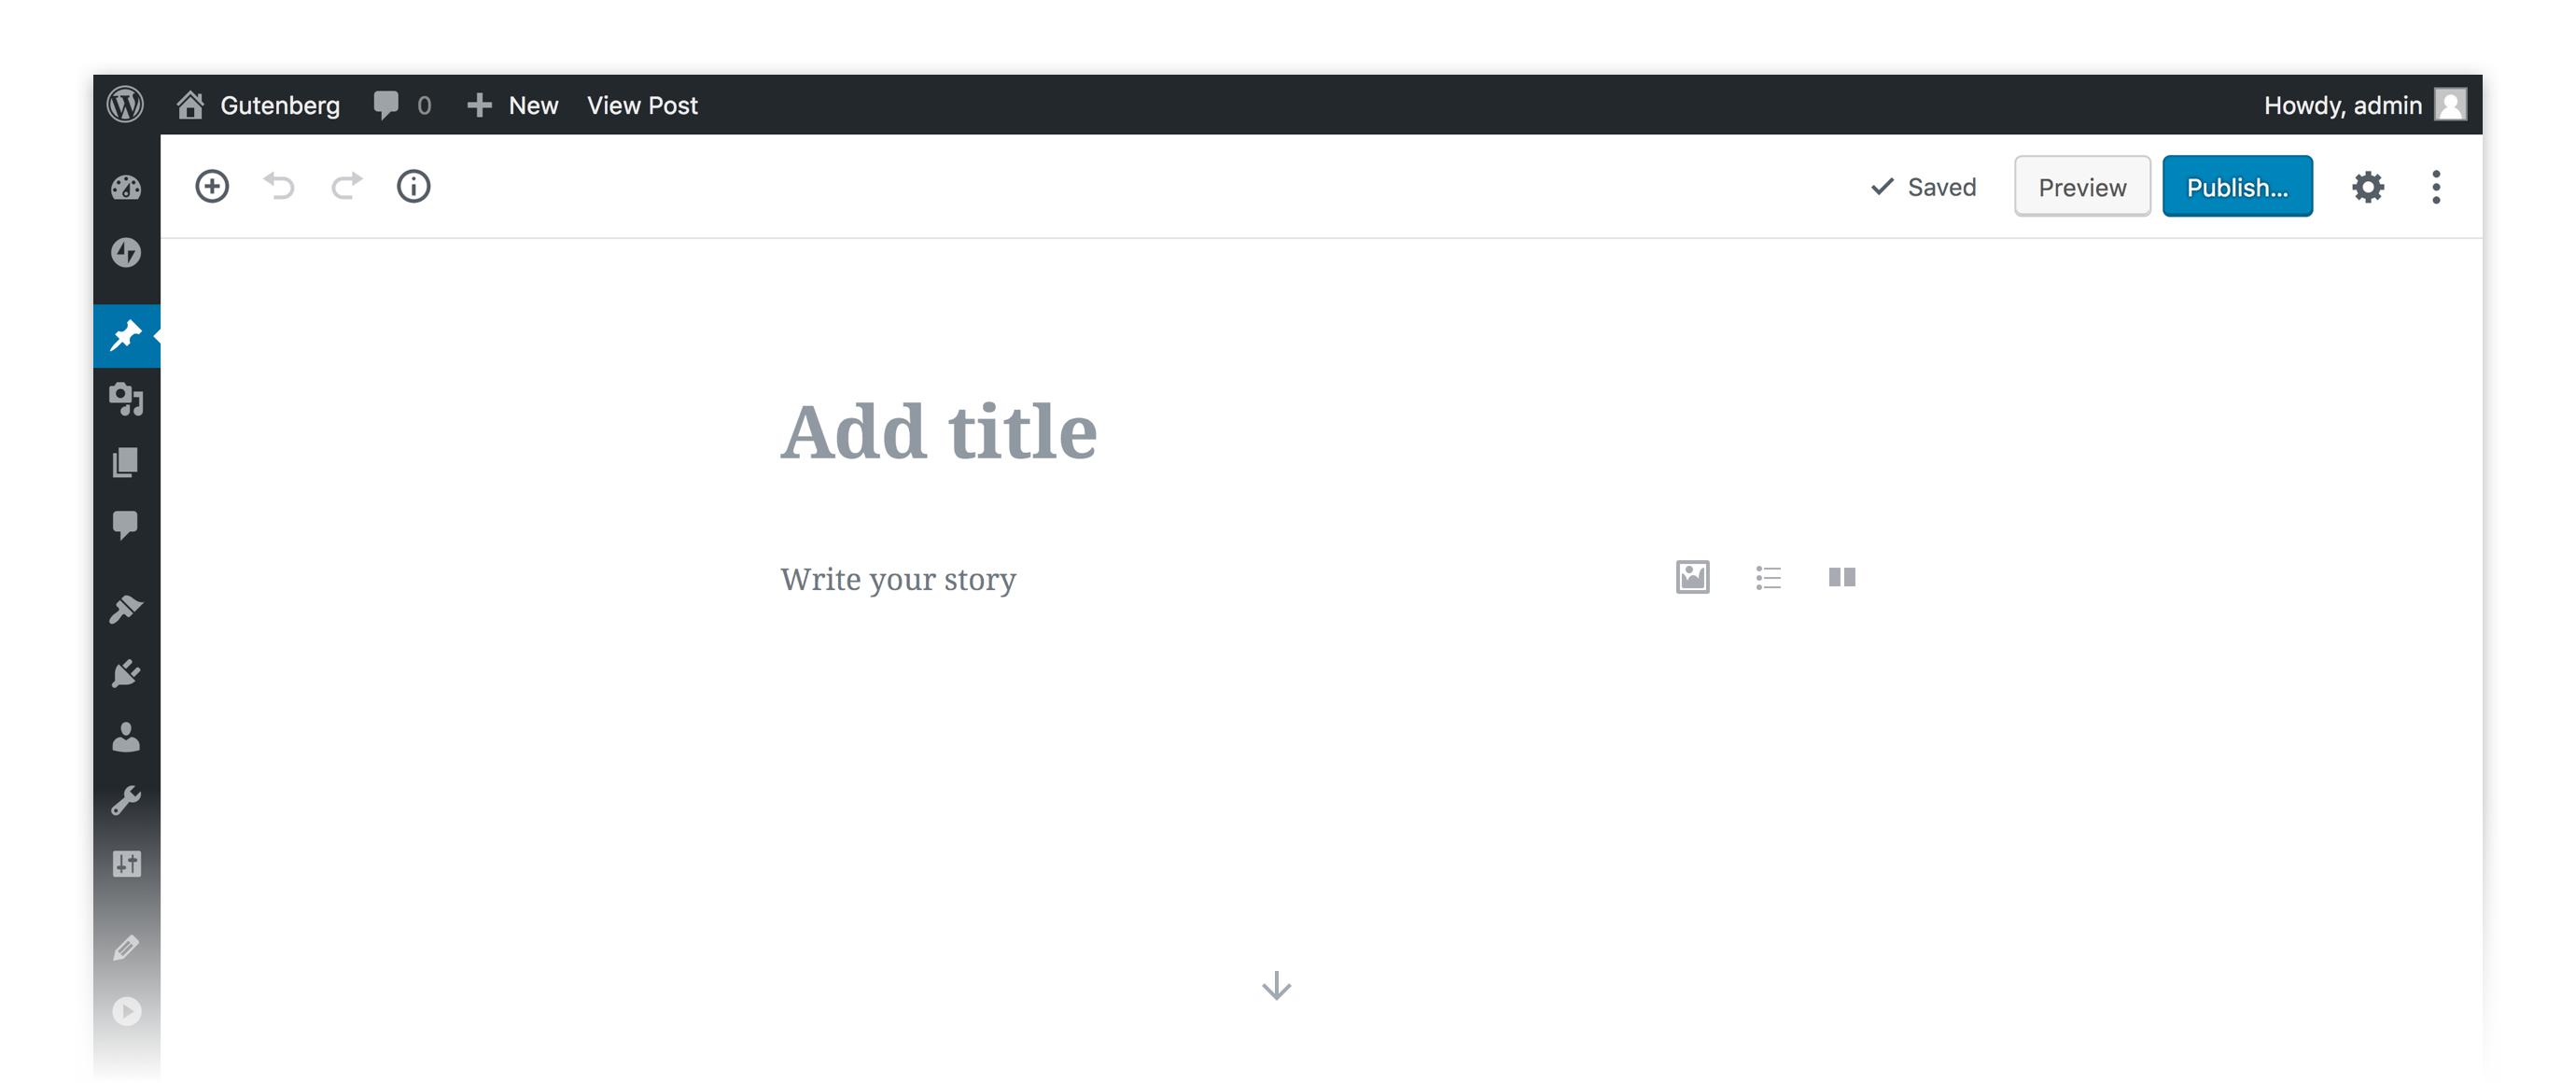 เมื่อ Wordpress หันมาใช้ Gutenberg 1